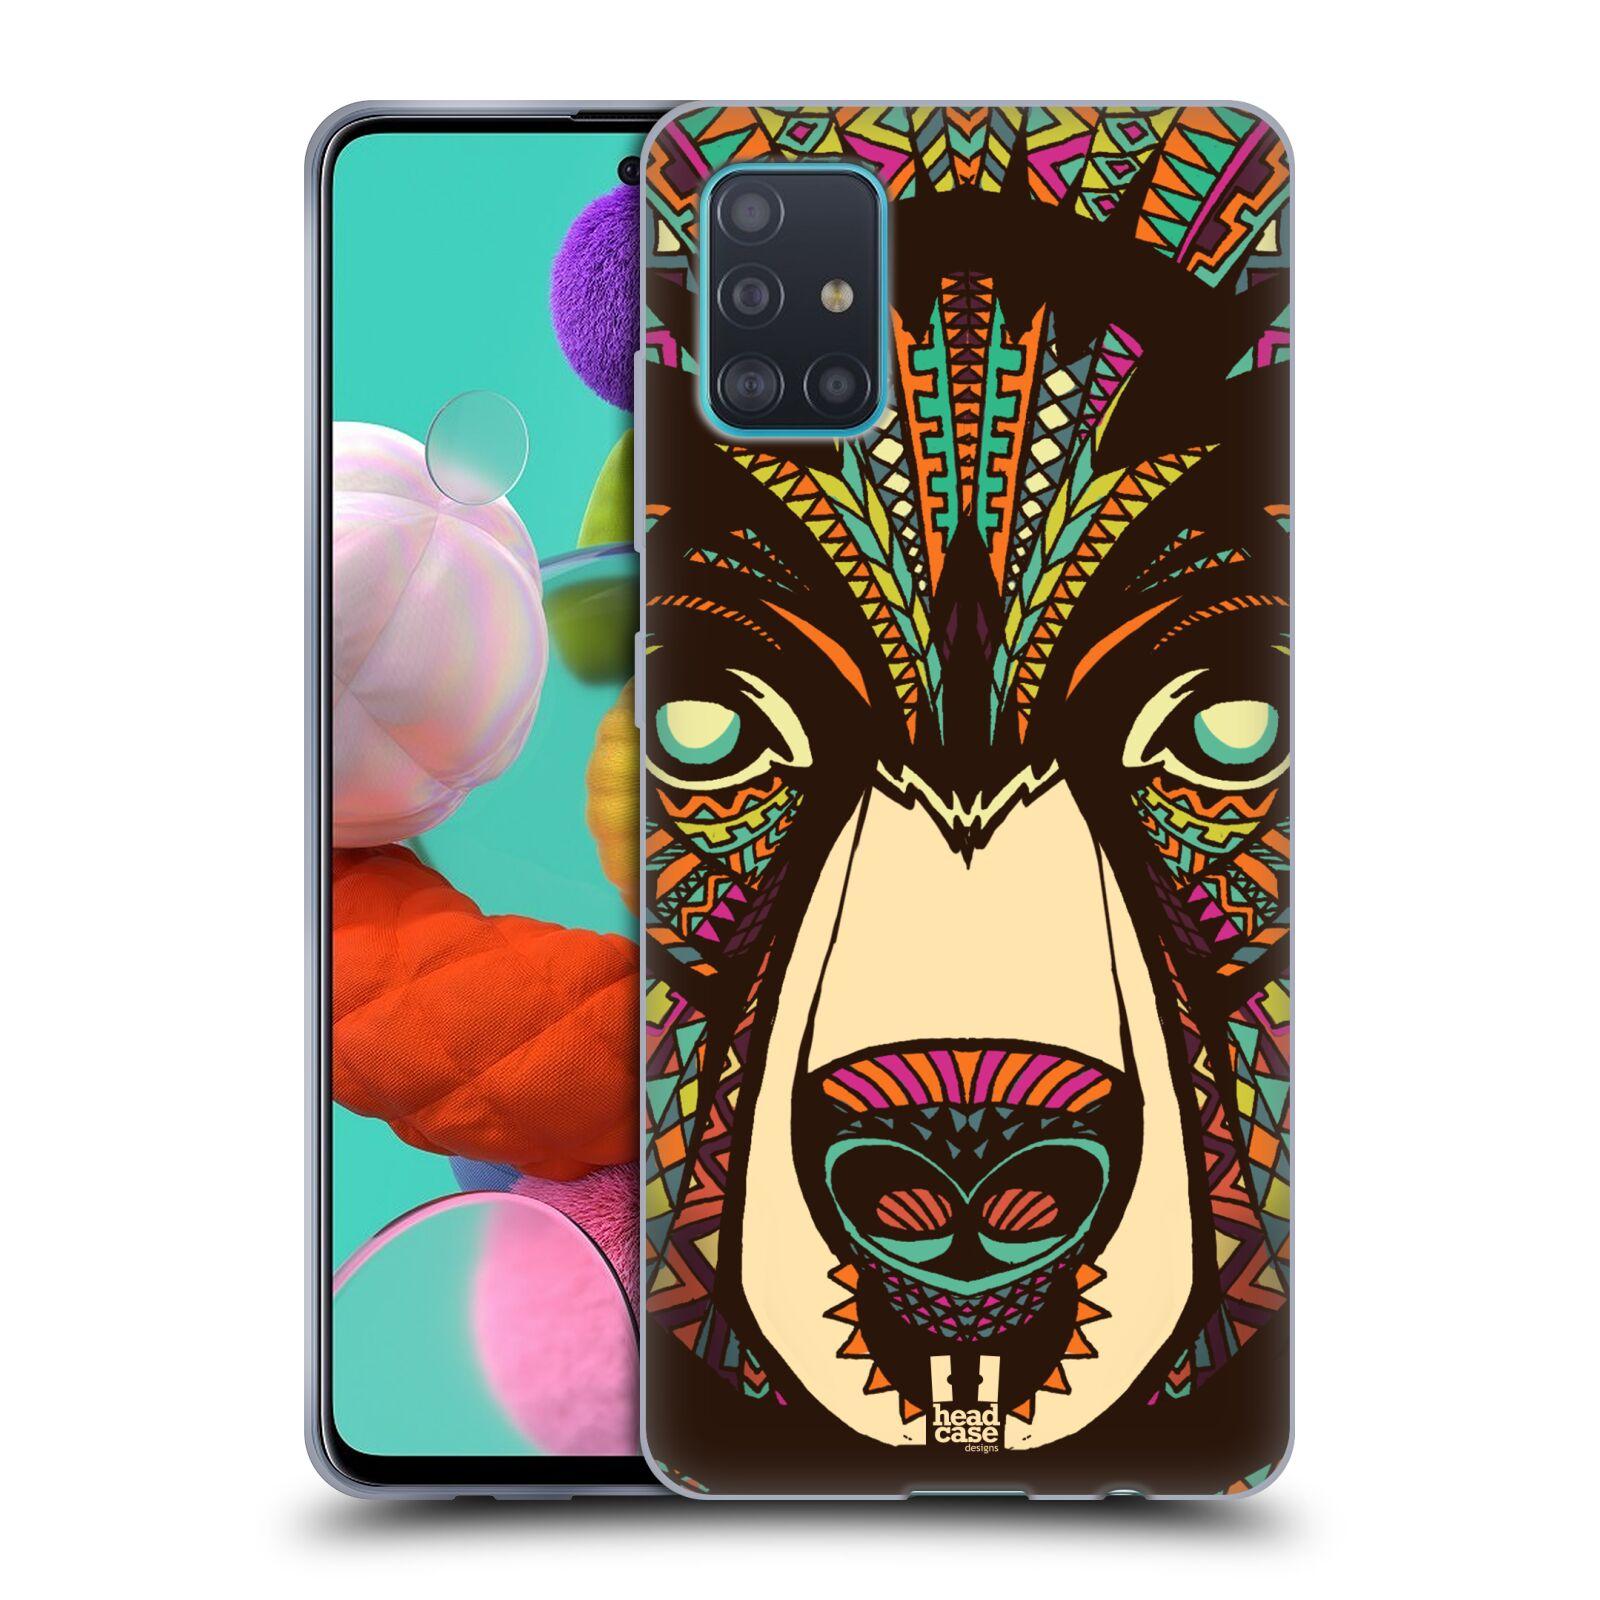 Silikonové pouzdro na mobil Samsung Galaxy A51 - Head Case - AZTEC MEDVĚD